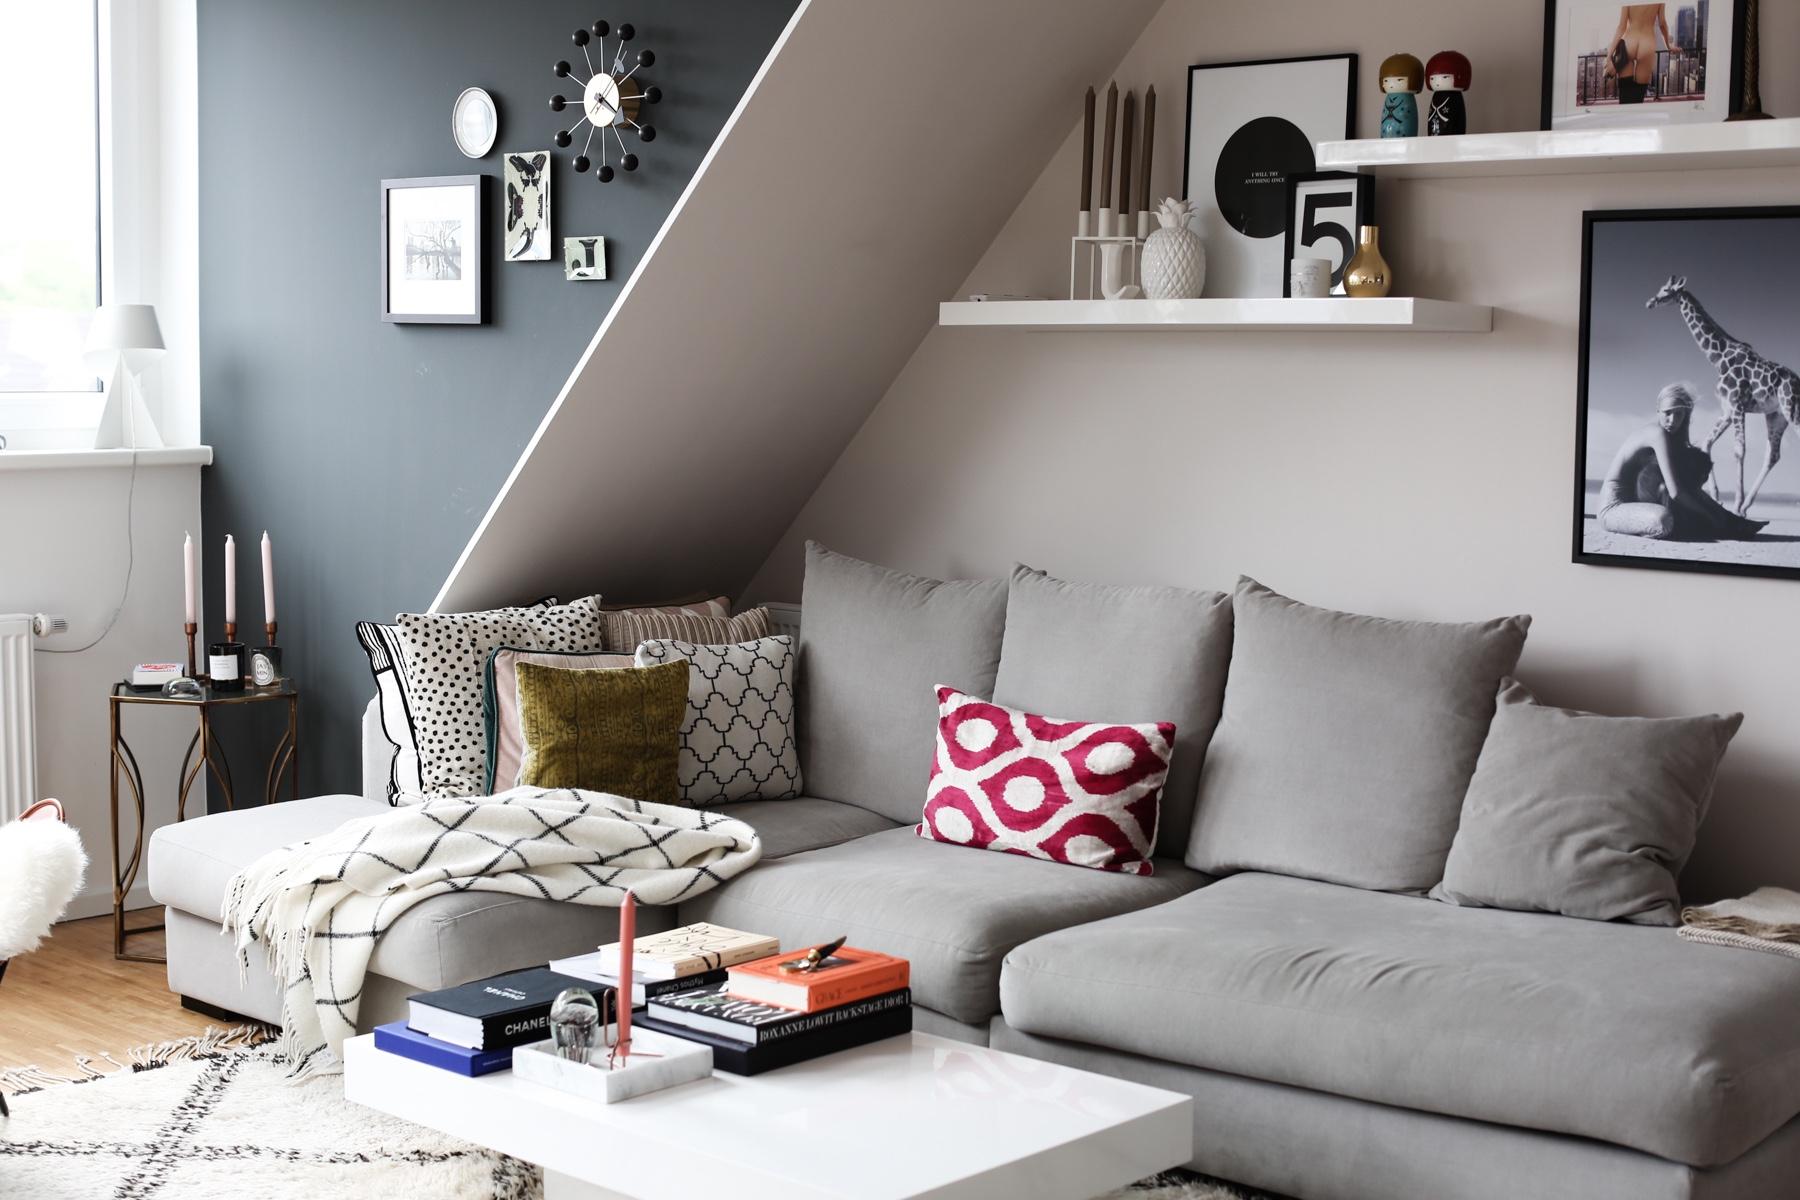 Kleine Dachgeschoss Kche Einrichten Damixa Wasserhahn Kche Sthle Fr Kleine Thekentisch Ikea